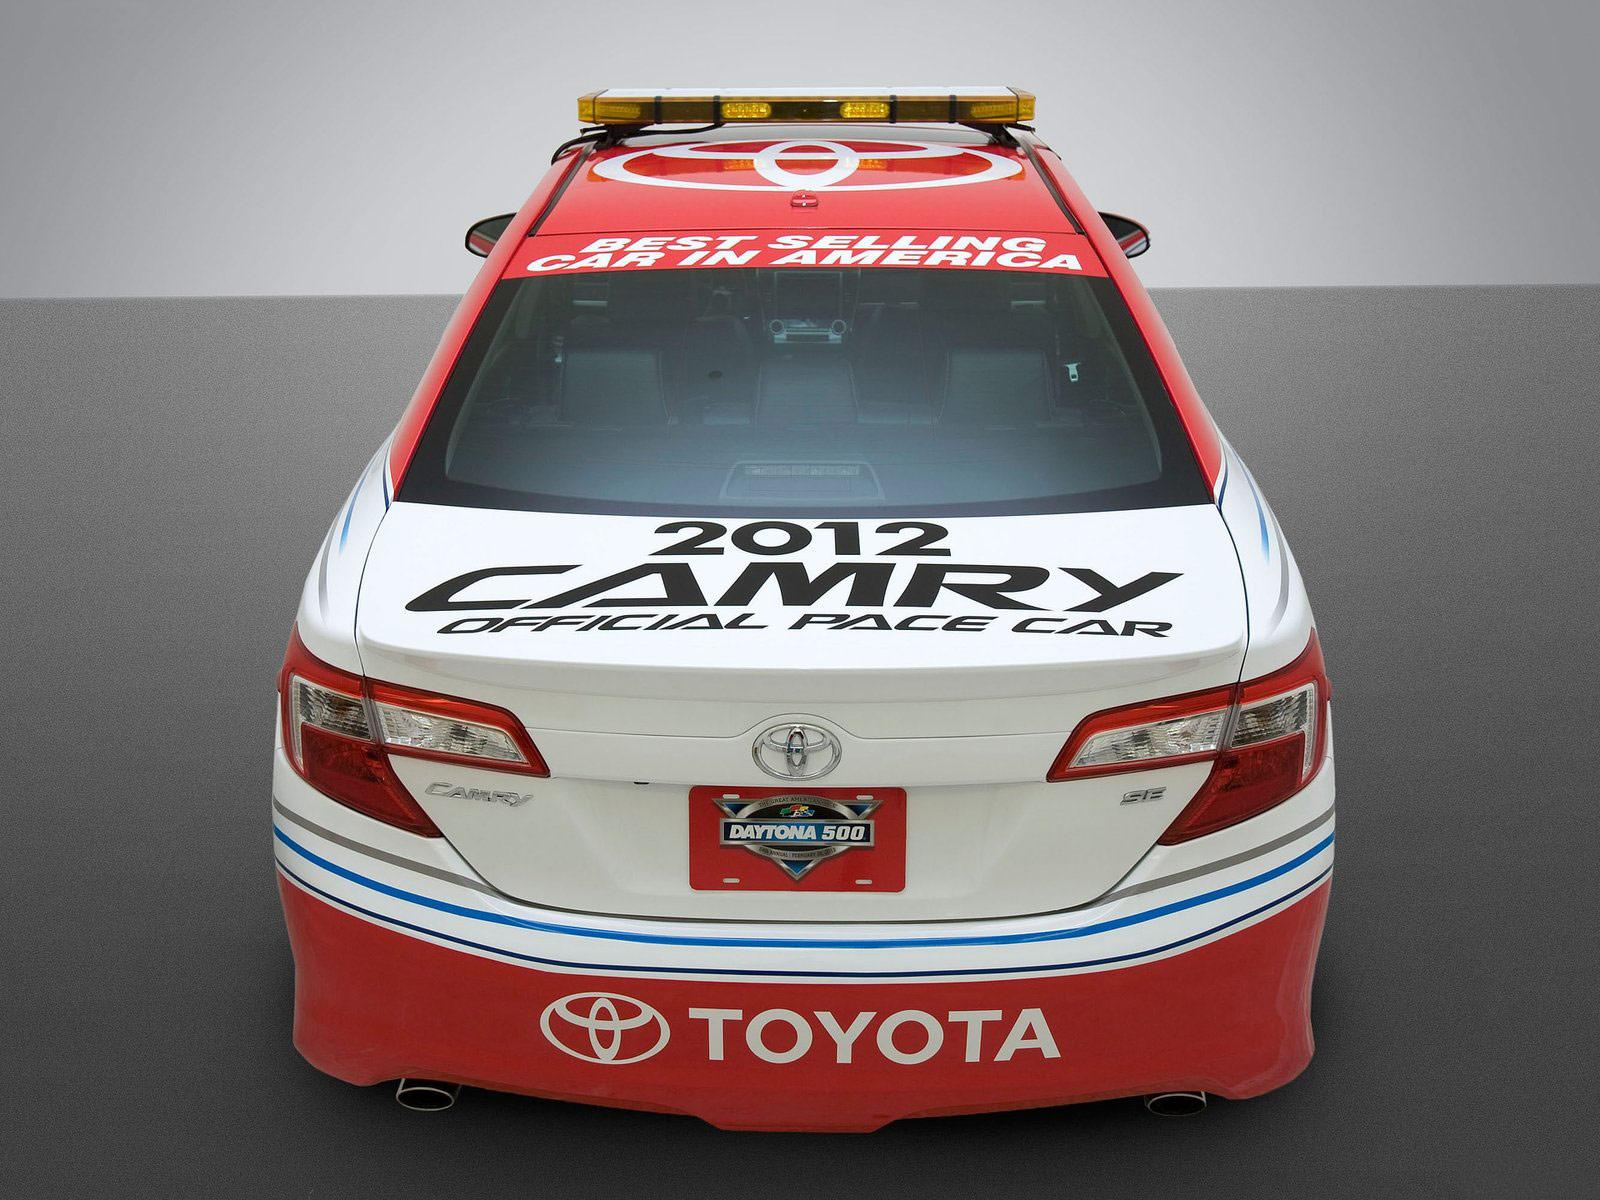 http://4.bp.blogspot.com/-bCSn4sR-bK4/TlT2jVUtieI/AAAAAAAADSk/nJdTgE0W5OQ/s1600/Toyota-Camry-Daytona-500-Pace-Car-2012_japanese-car-wallpapers_09.jpg